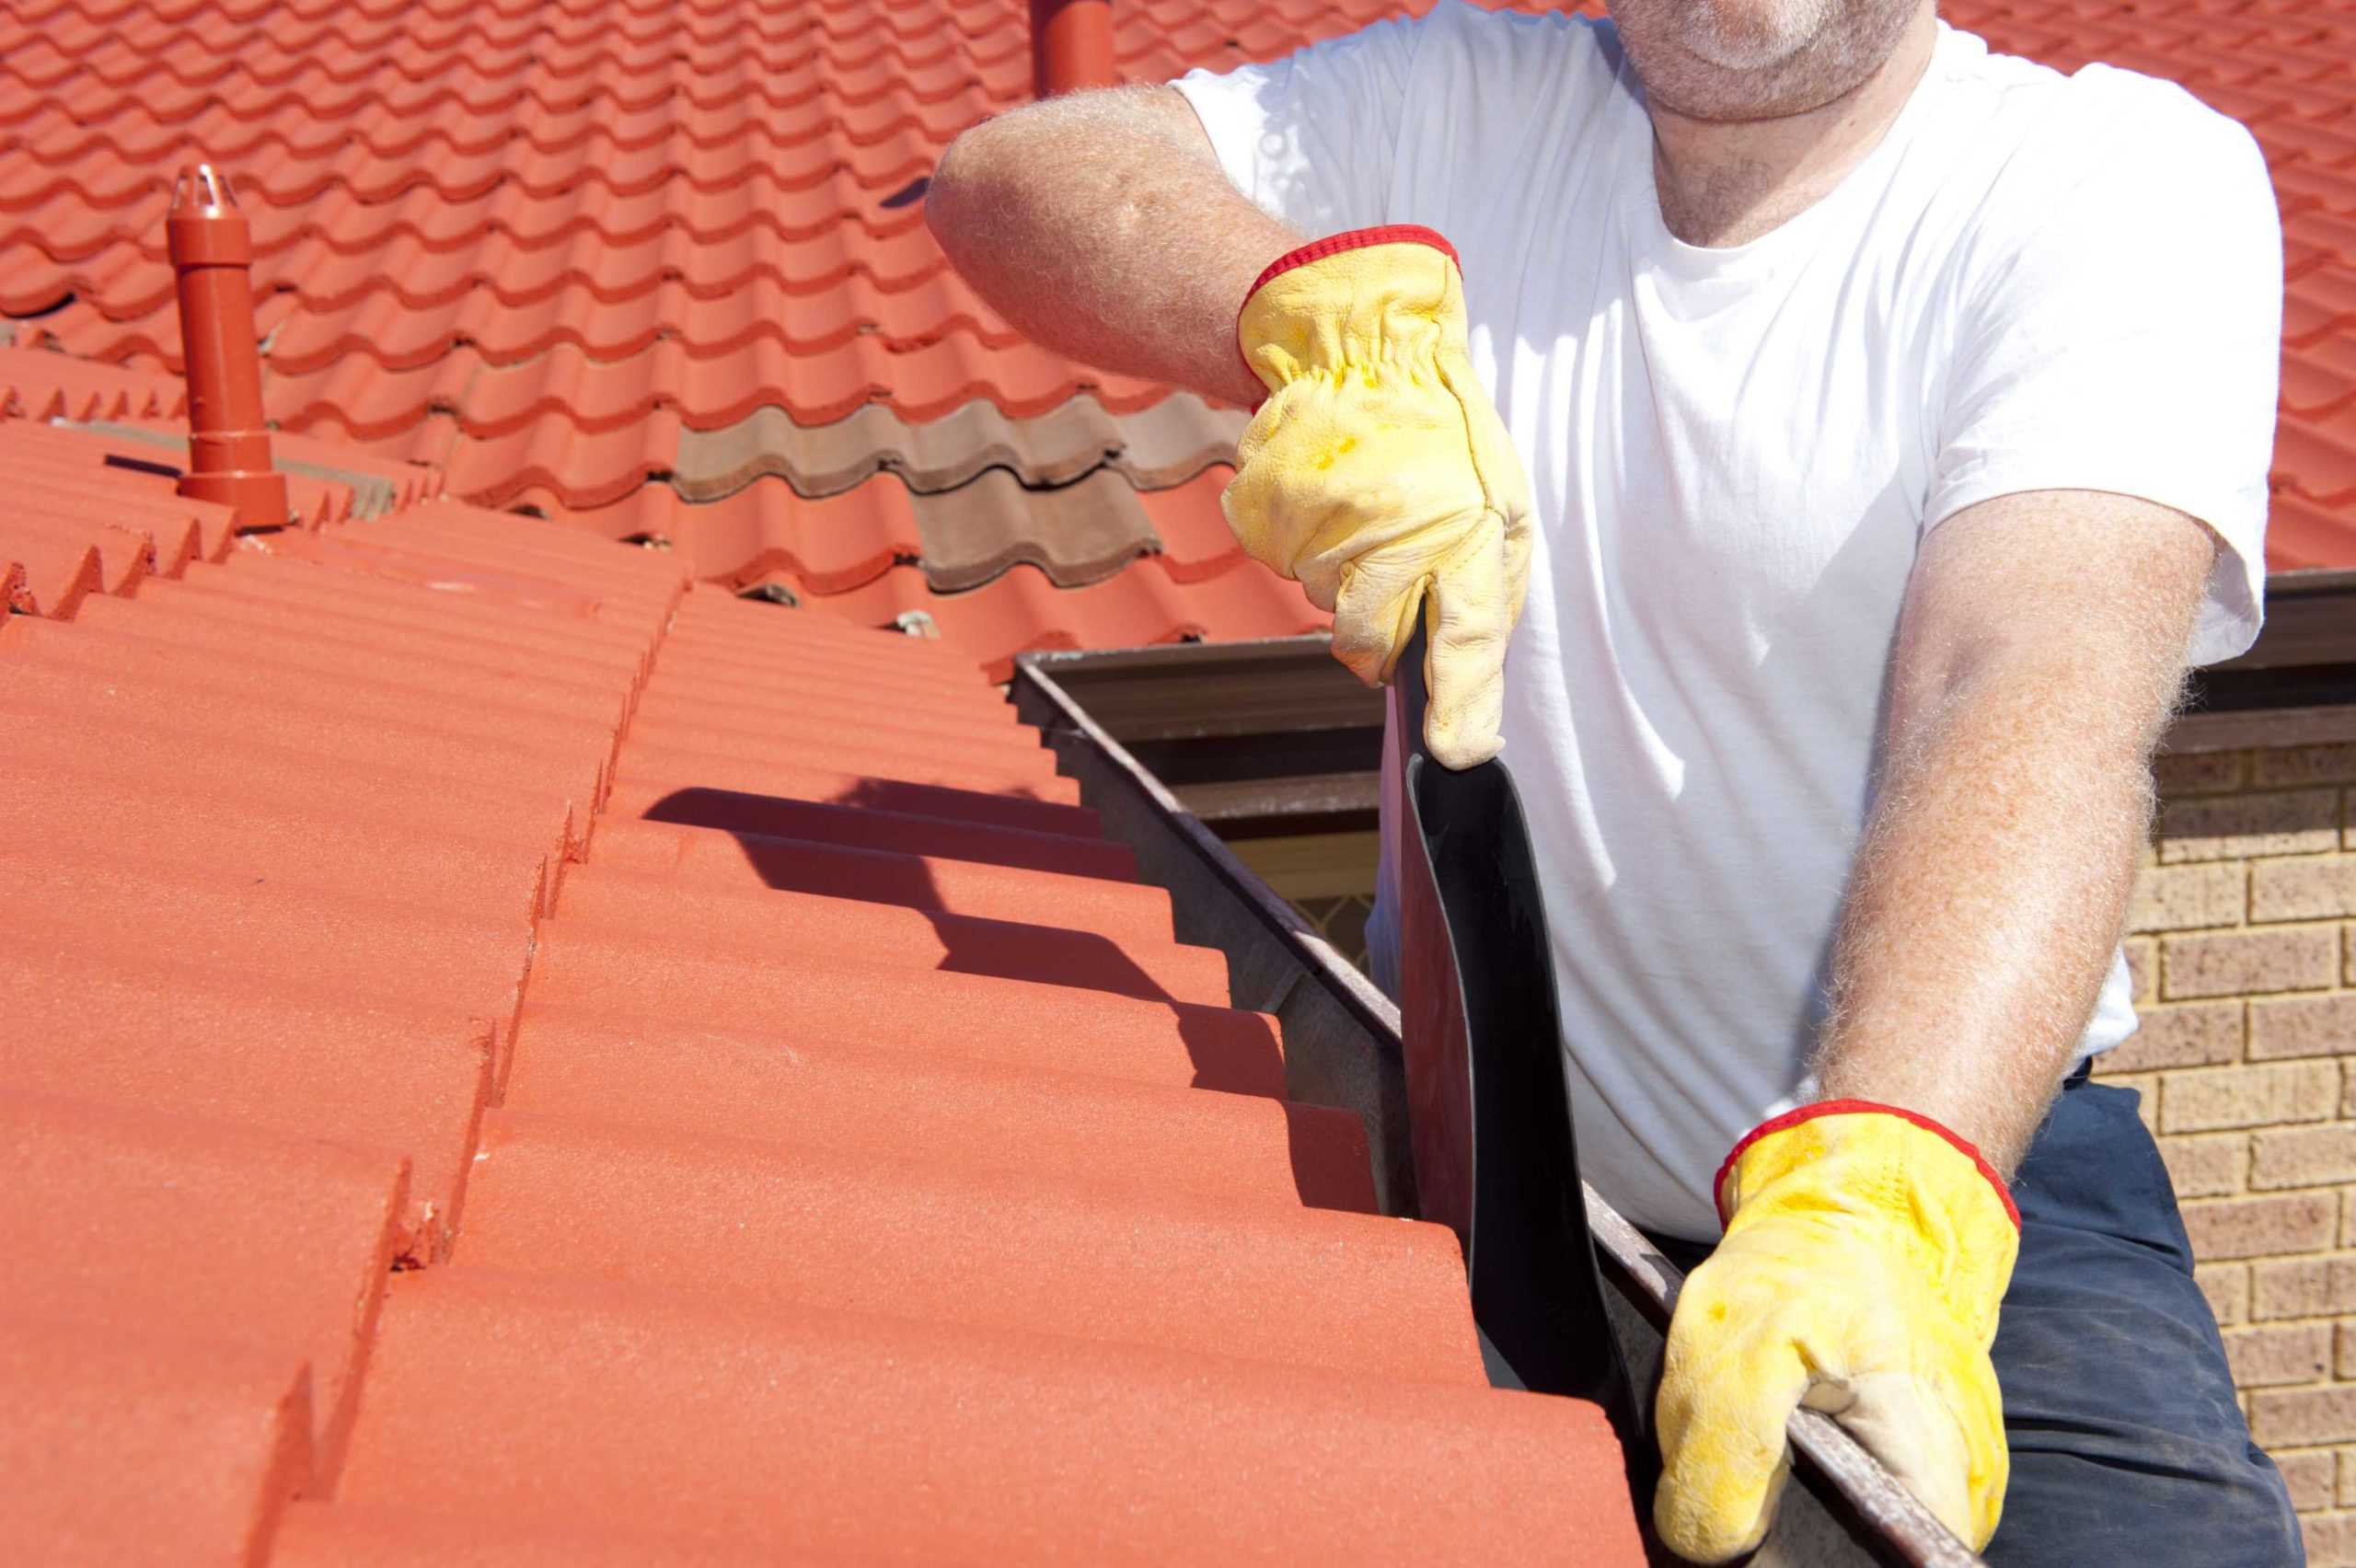 Meilleurs conseils pour prolonger la vie de votre toiture | Diamant capris